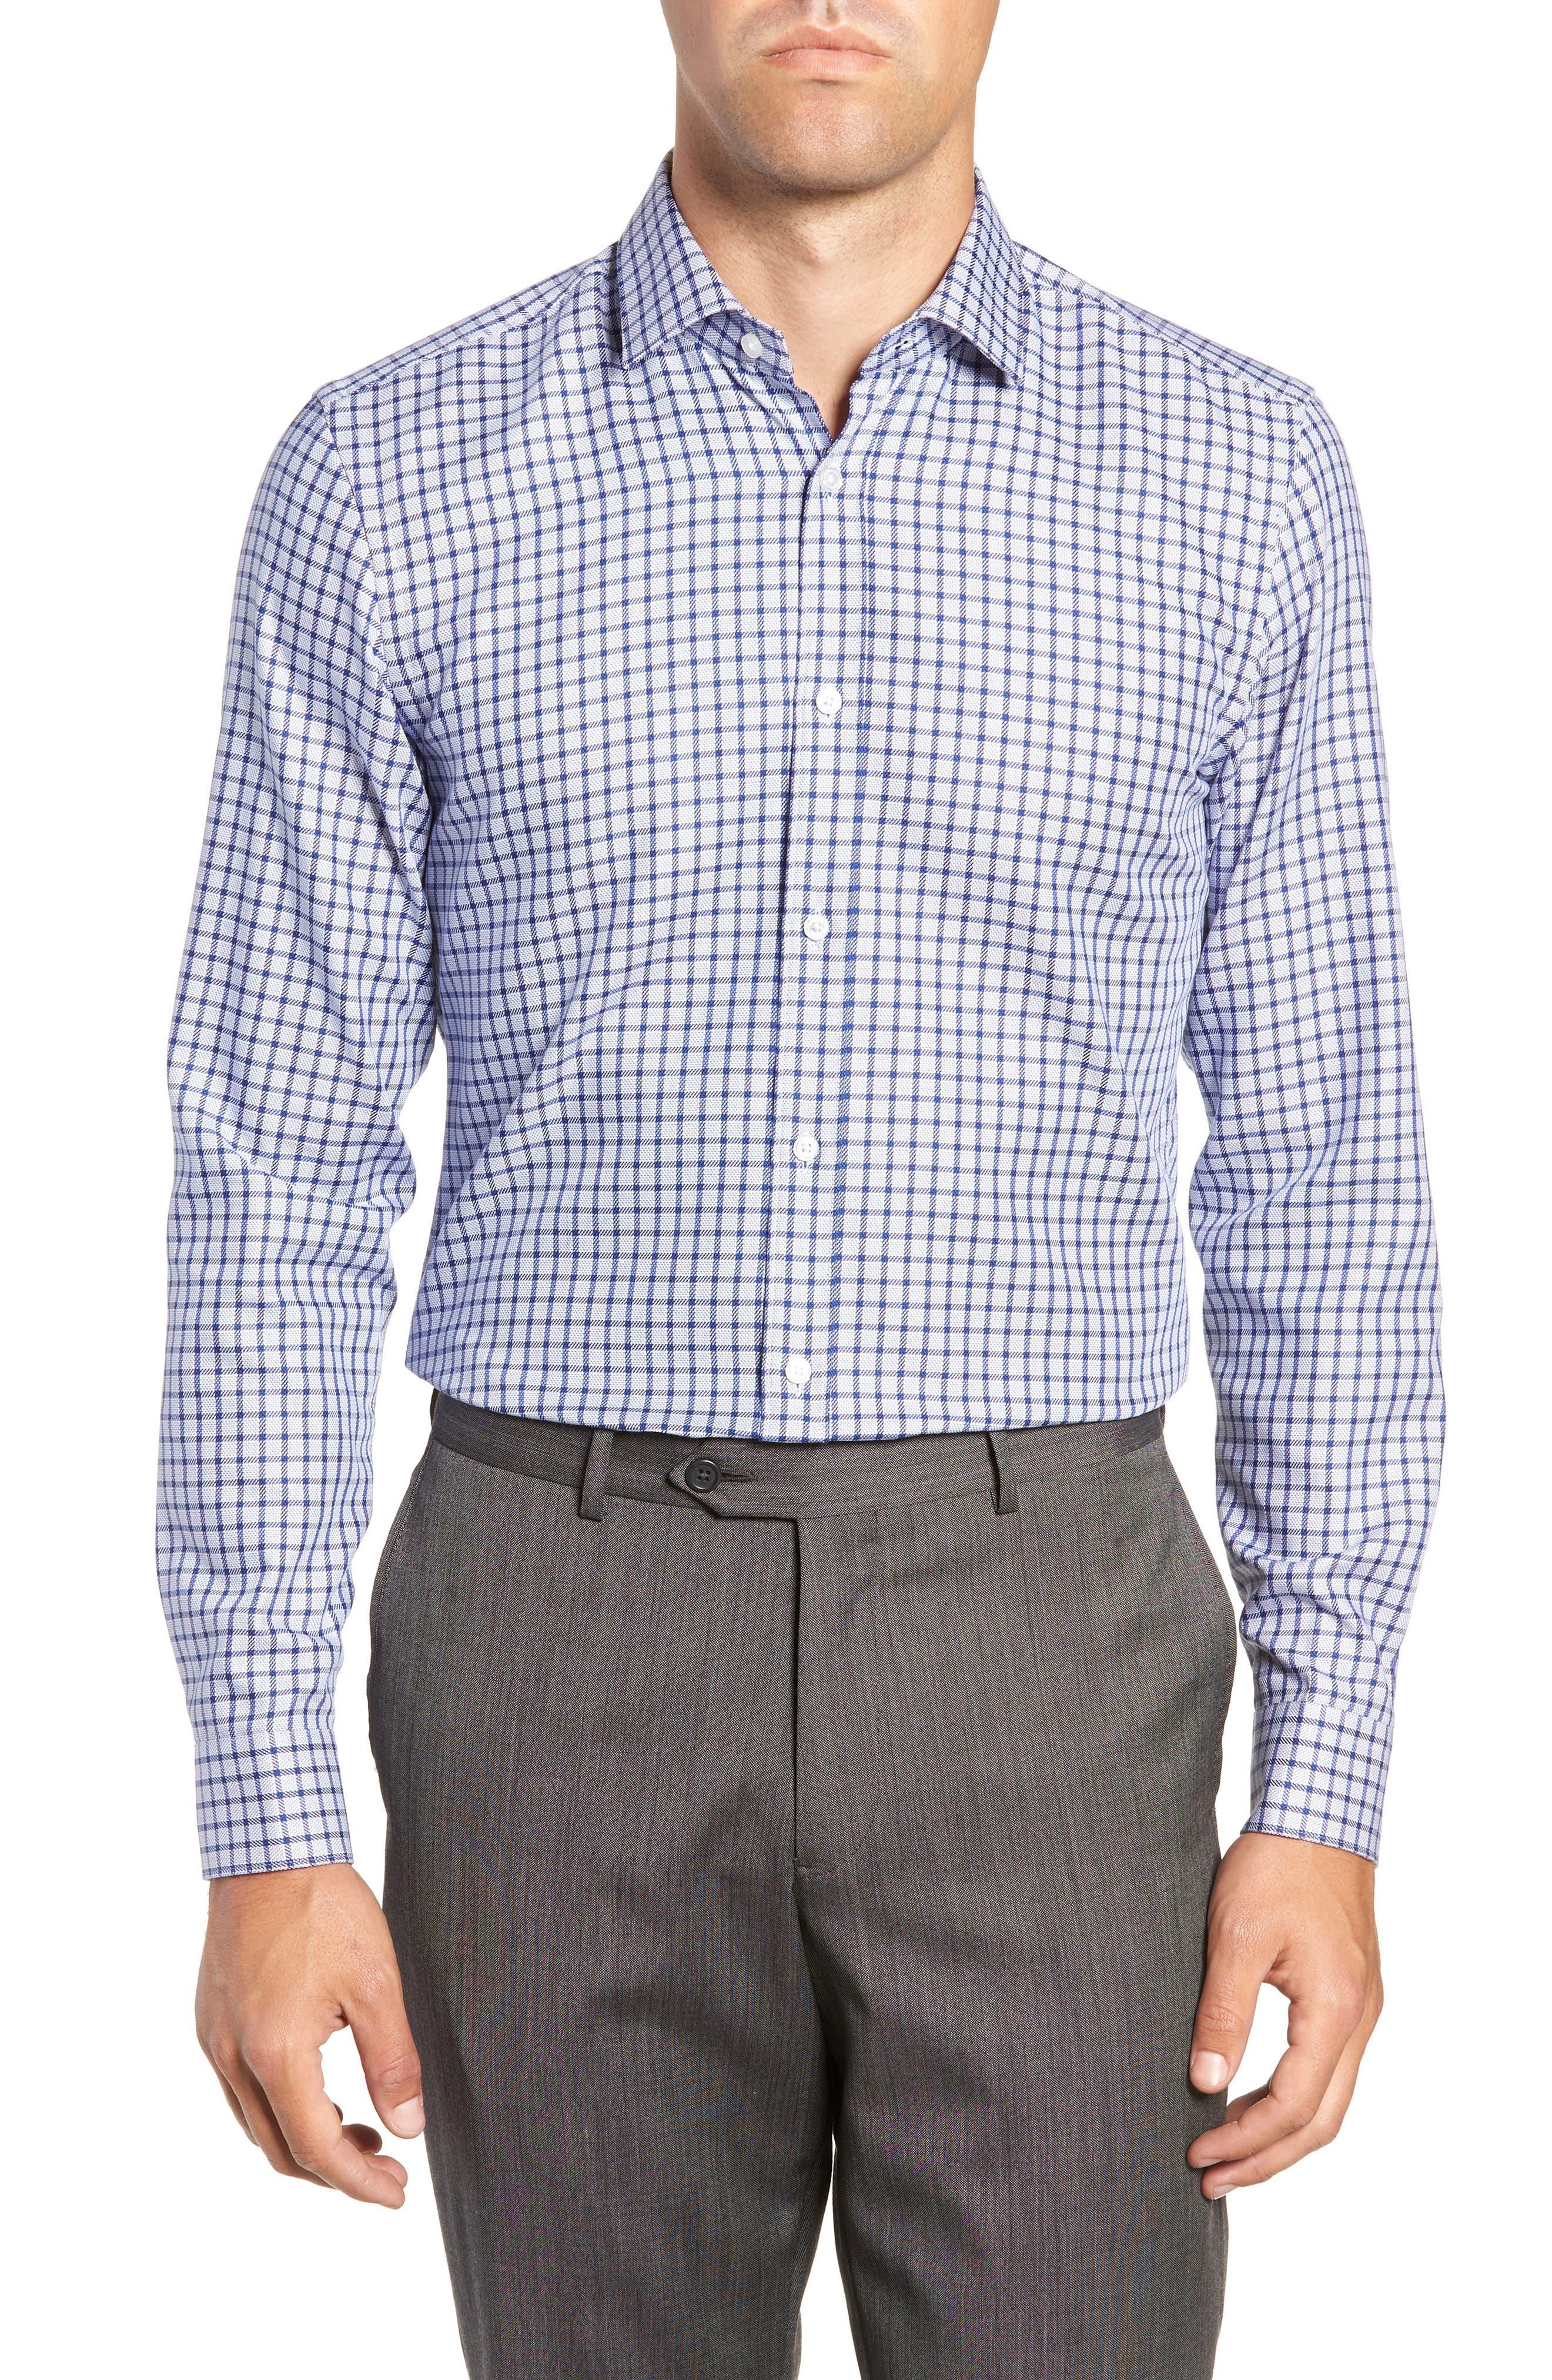 x Nordstrom Isaac Slim Fit Check Dress Shirt,                             Main thumbnail 1, color,                             BLUE